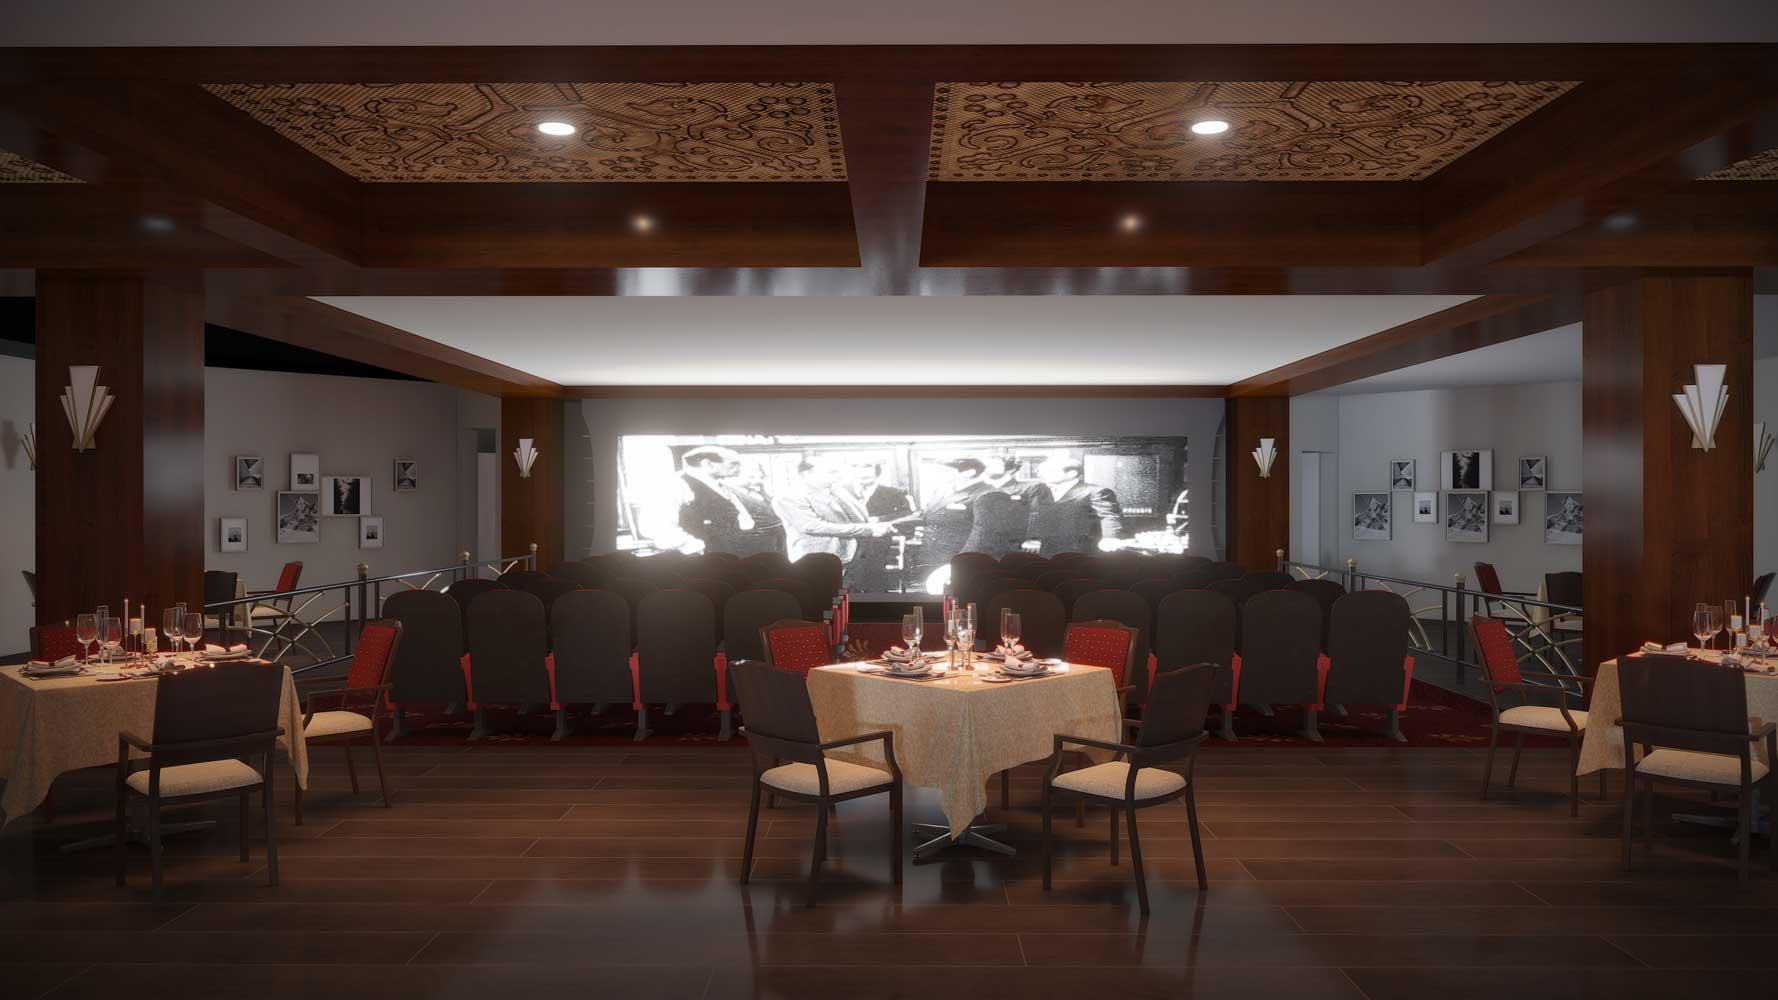 hospitality-senior-living-5-theater